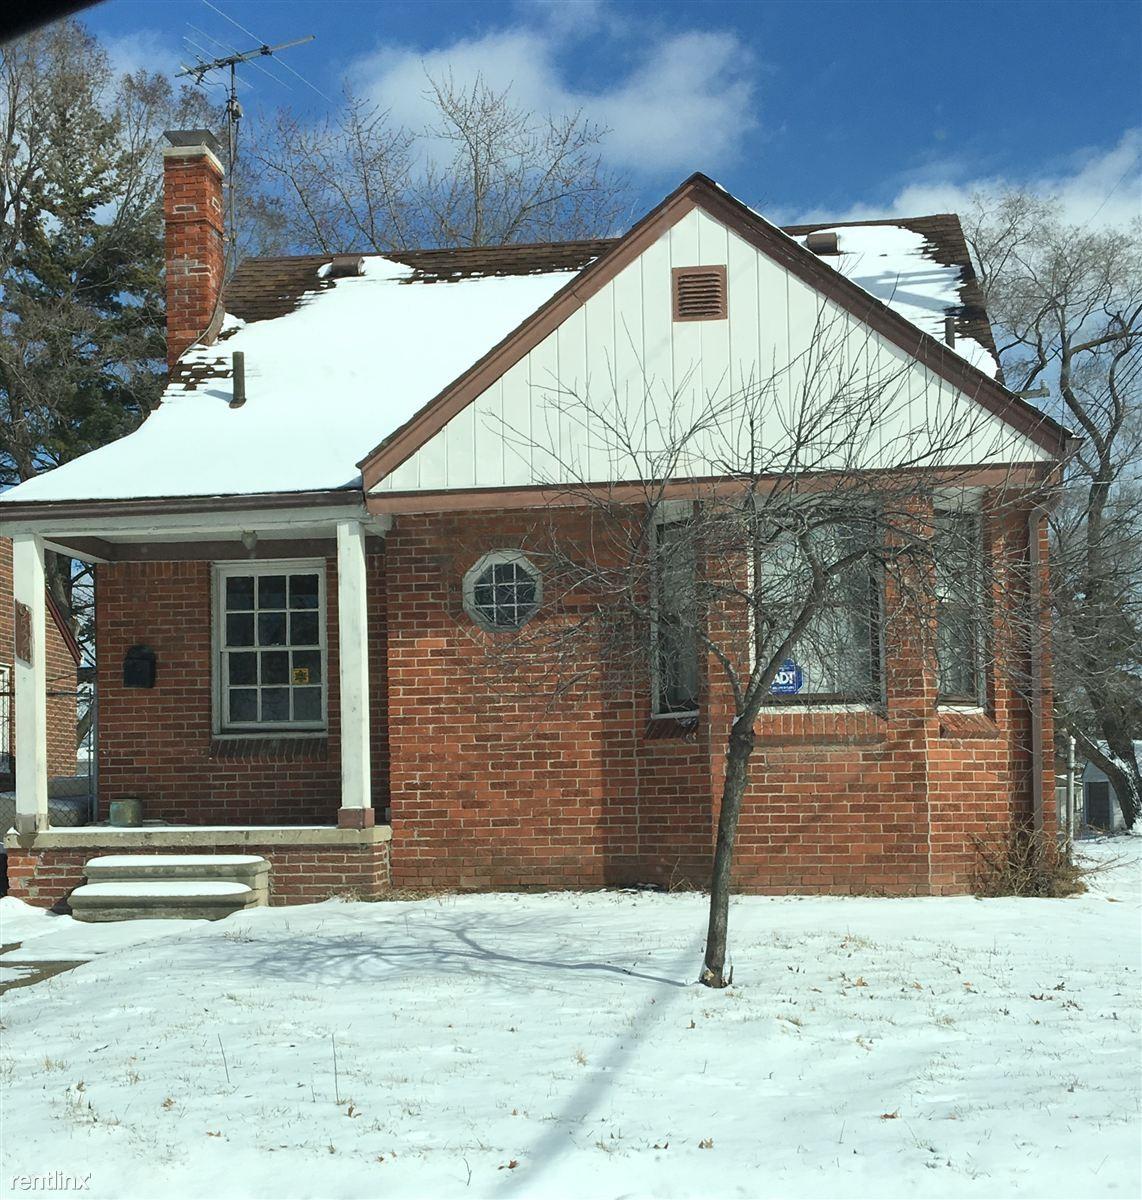 9526 Prest St Detroit Mi 48227 3 Bedroom House For Rent For 750 Month Zumper